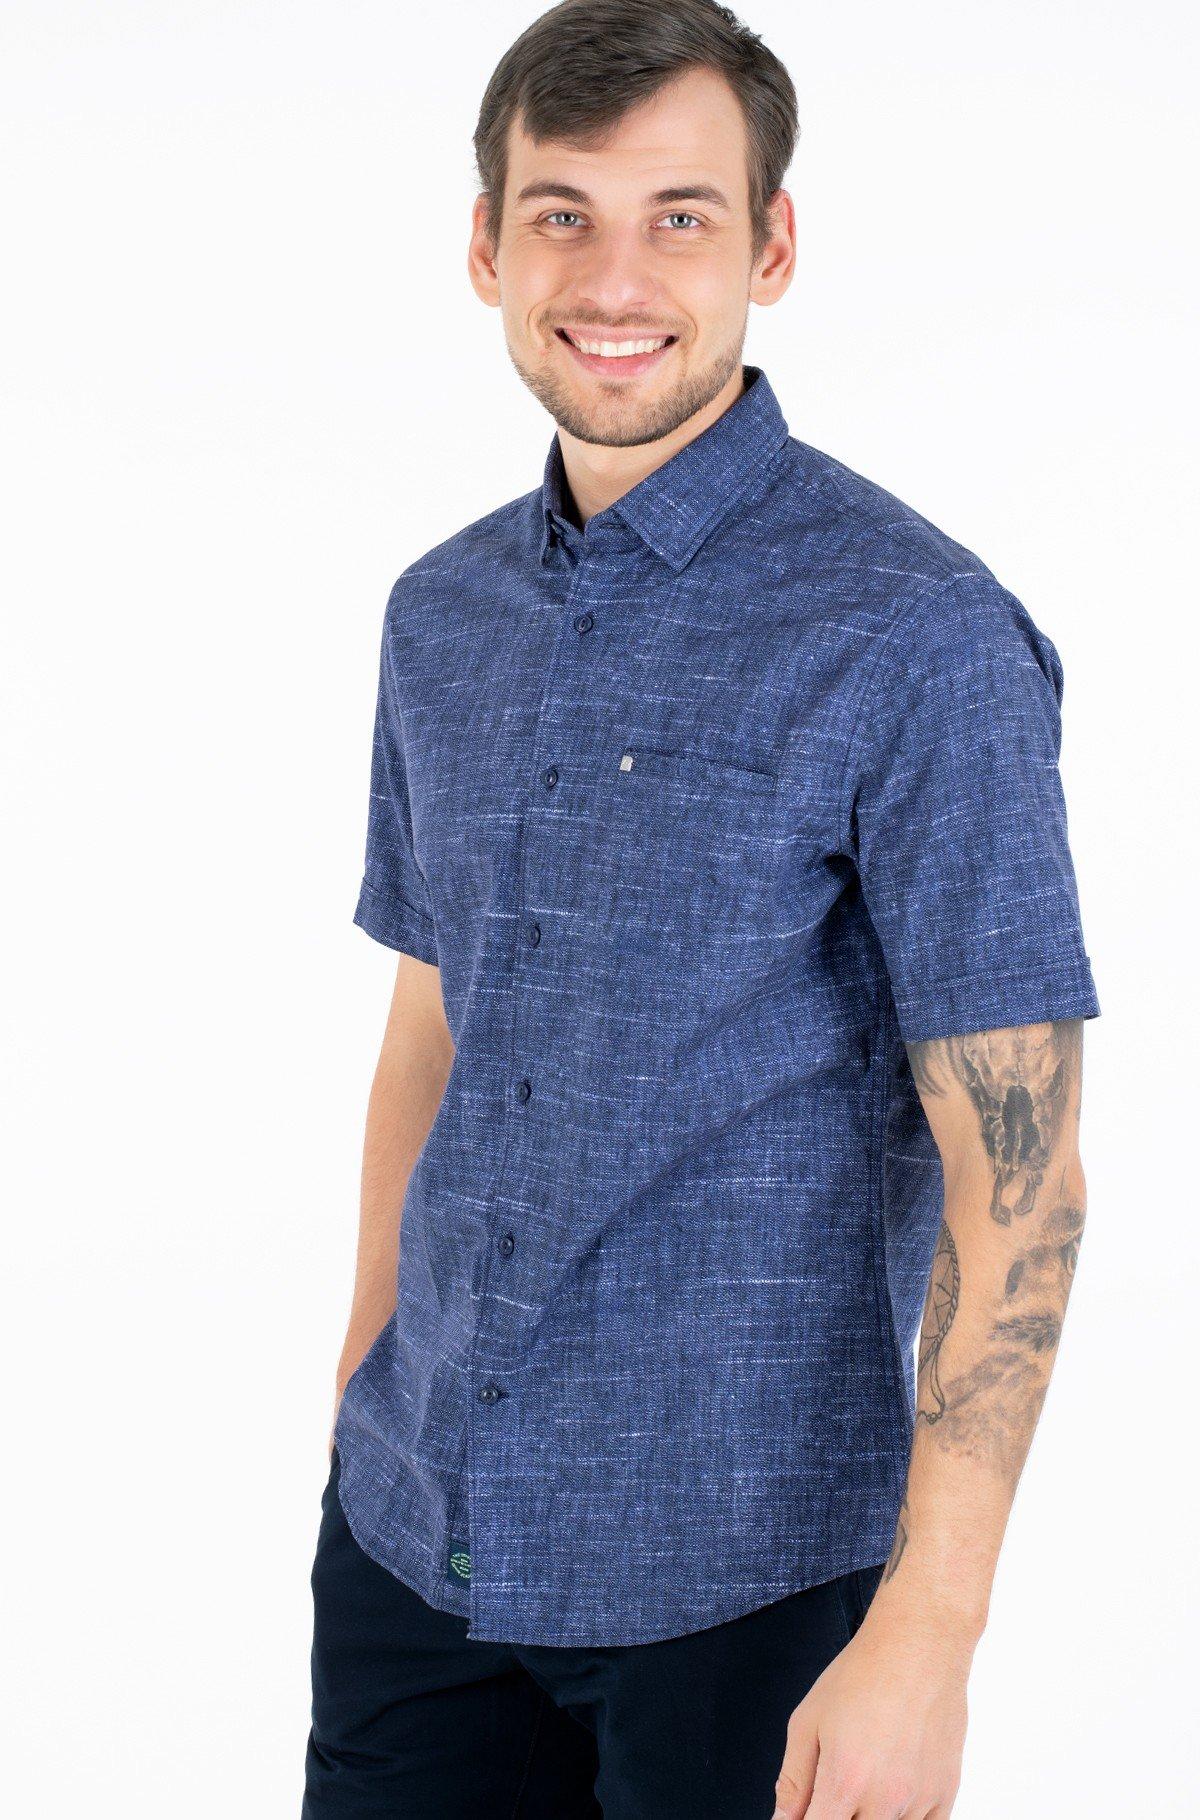 Marškiniai su trumpomis rankovėmis 53889-27159-full-1